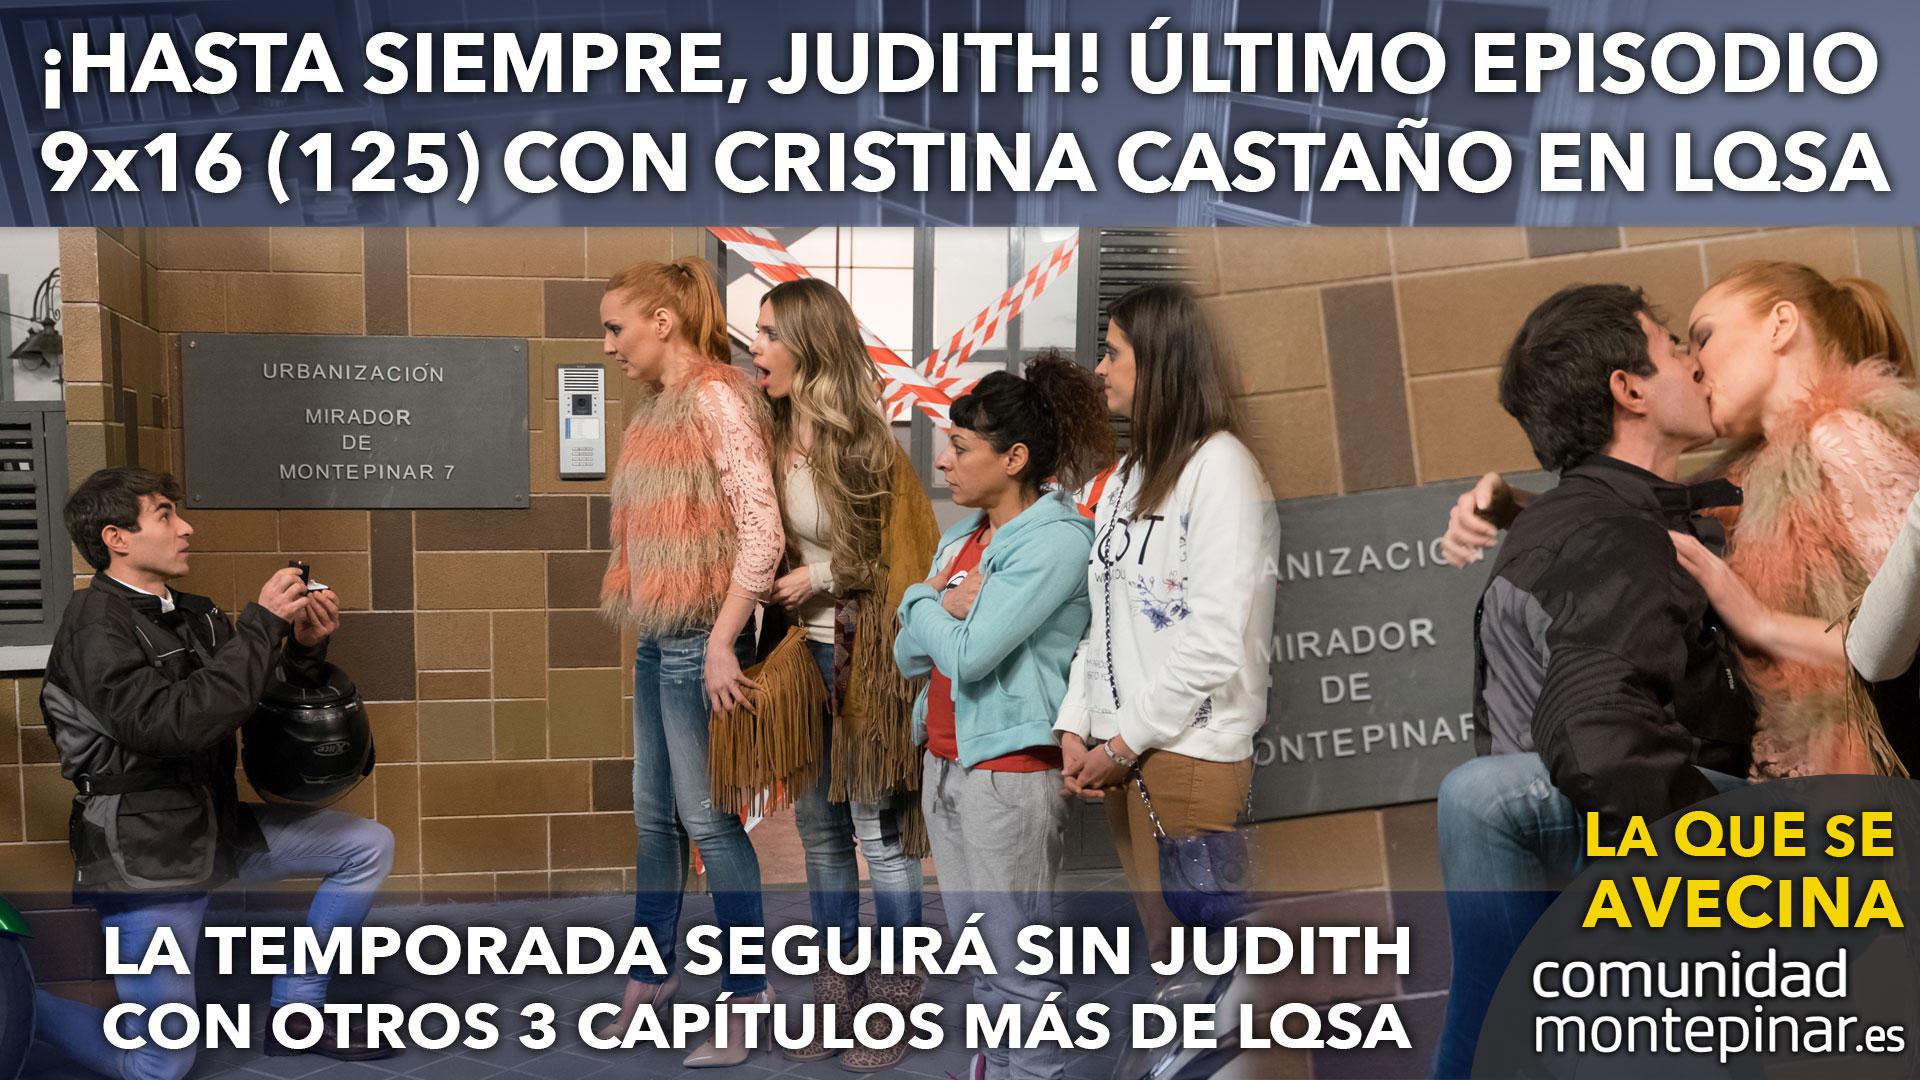 LQSA 9x16 Final de Judith